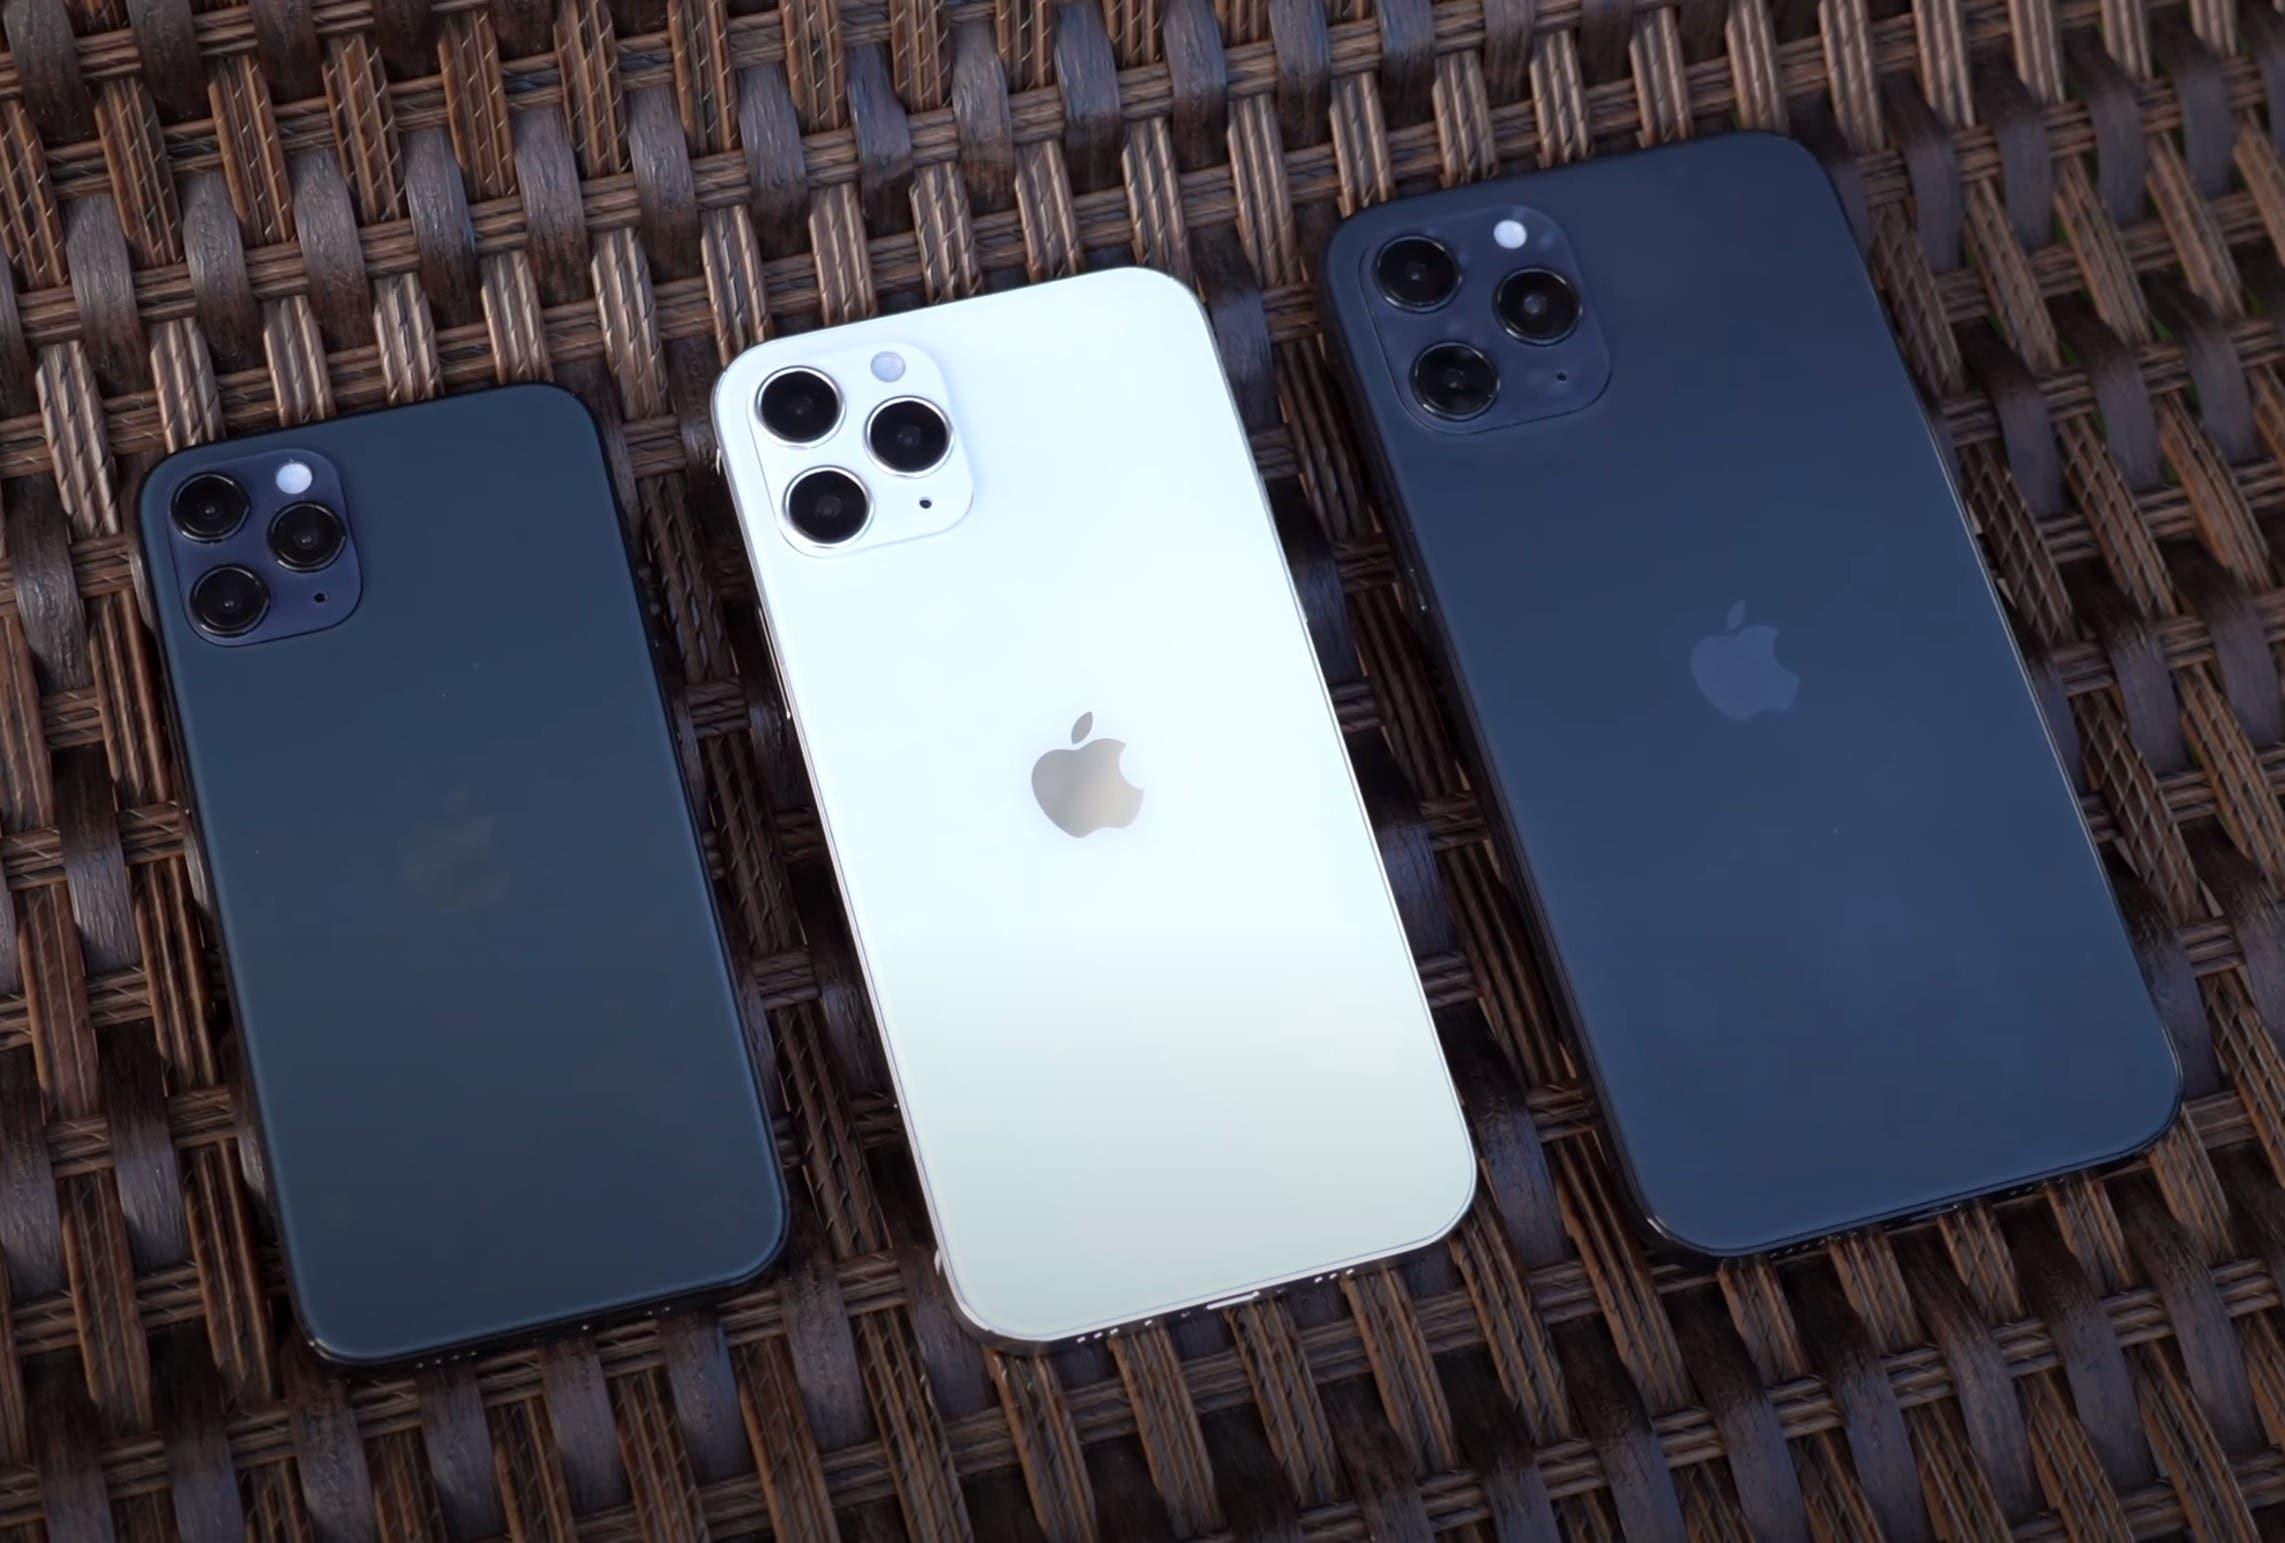 Apple recomiendan actualizar el iPhone por razones de seguridad